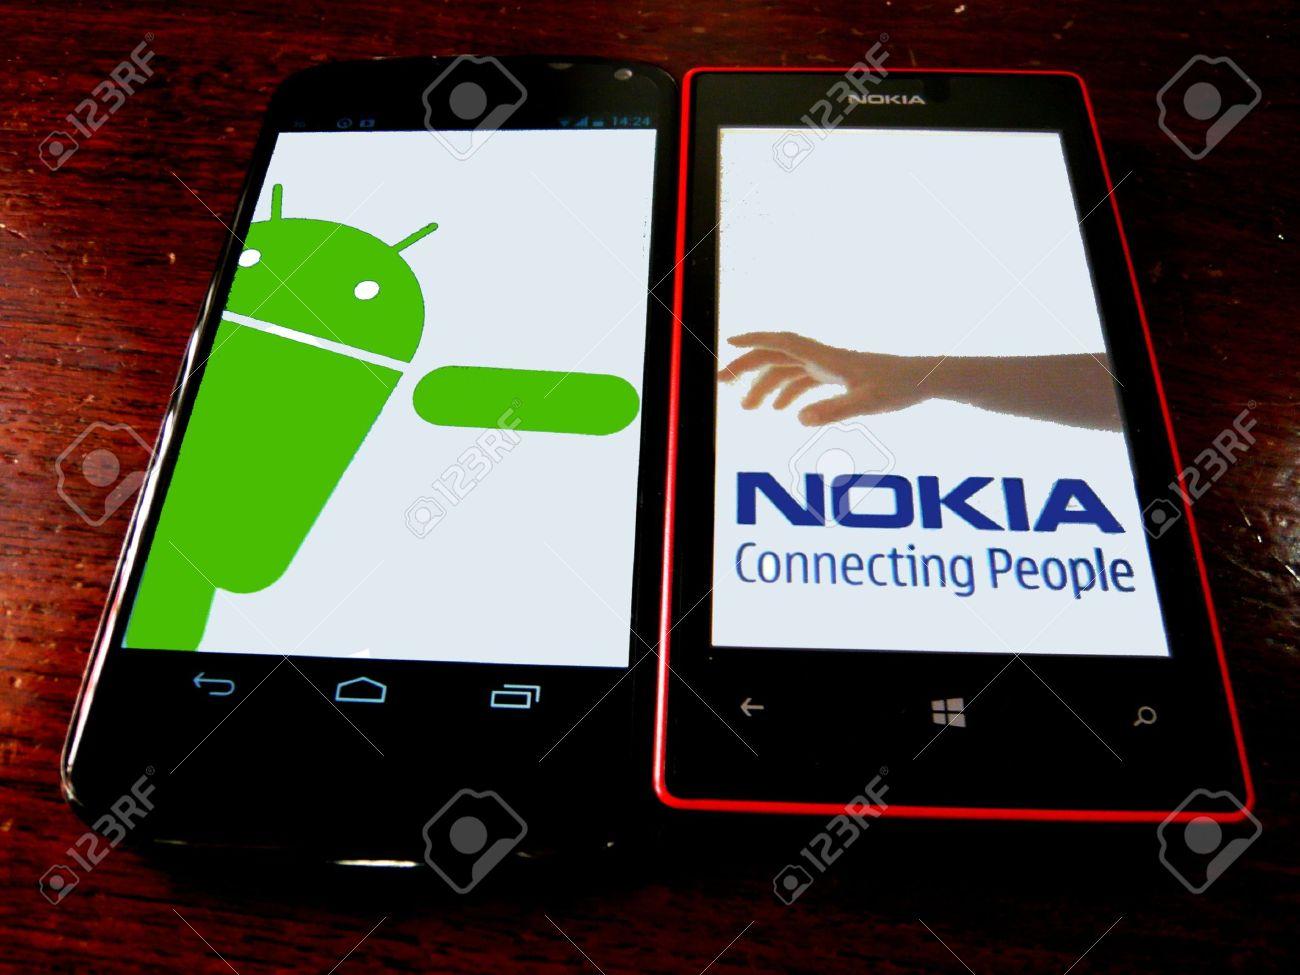 Nokia s hand logo parody nokia reach out to android google nokia s hand logo parody nokia reach out to android google nexus 4 and biocorpaavc Choice Image